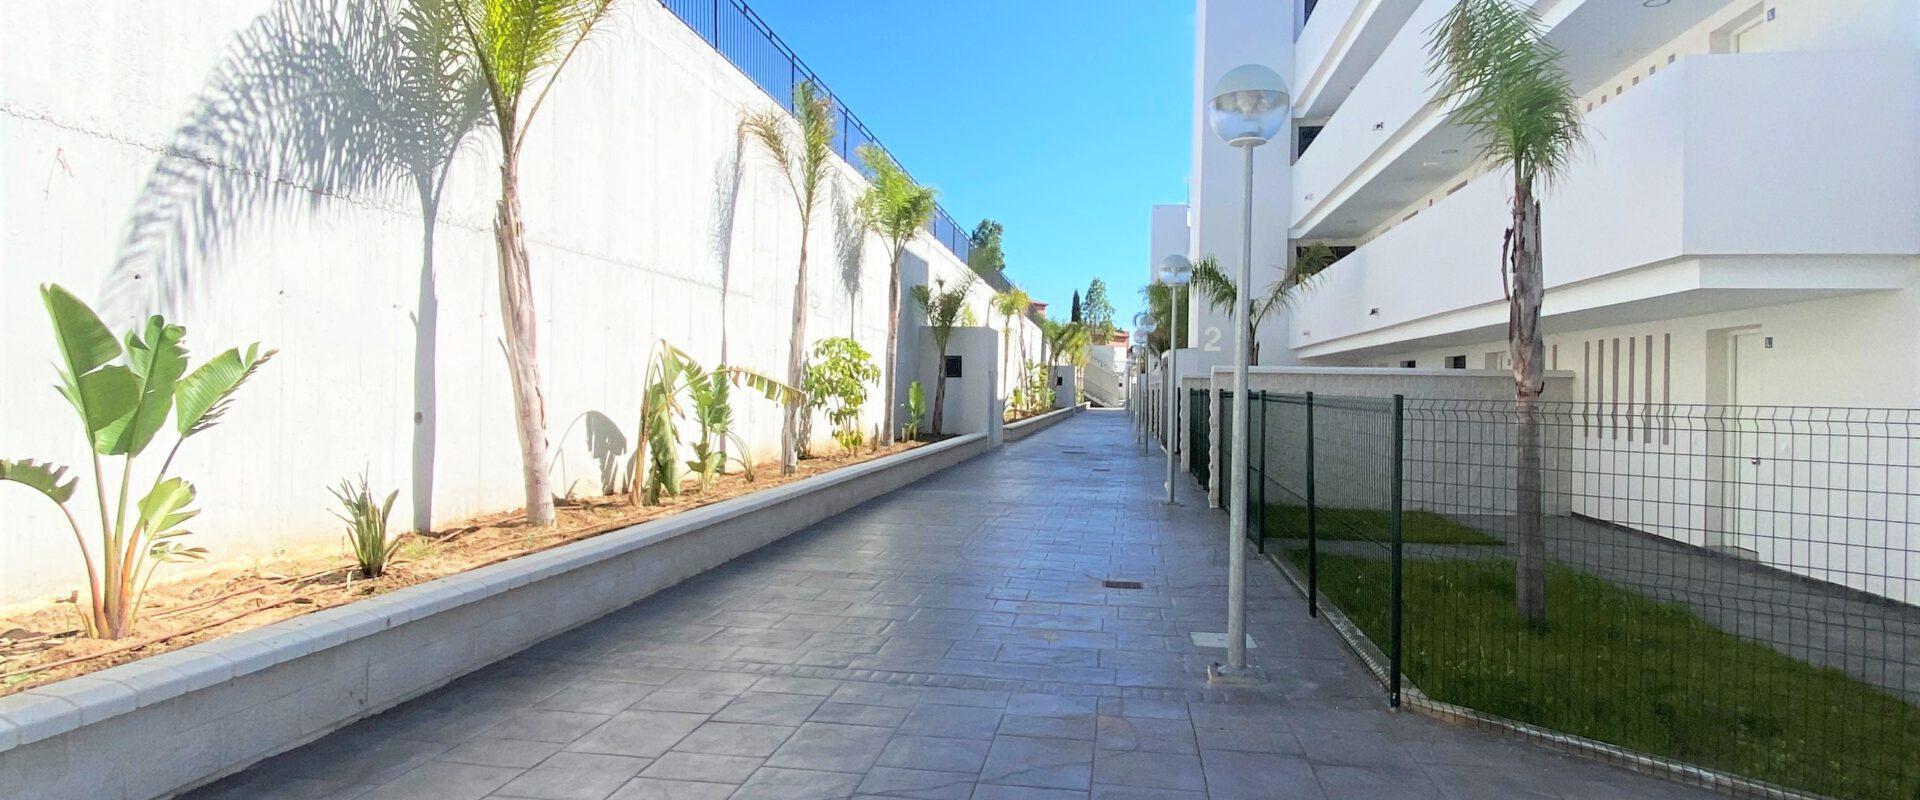 Mirador de la Bahia_4